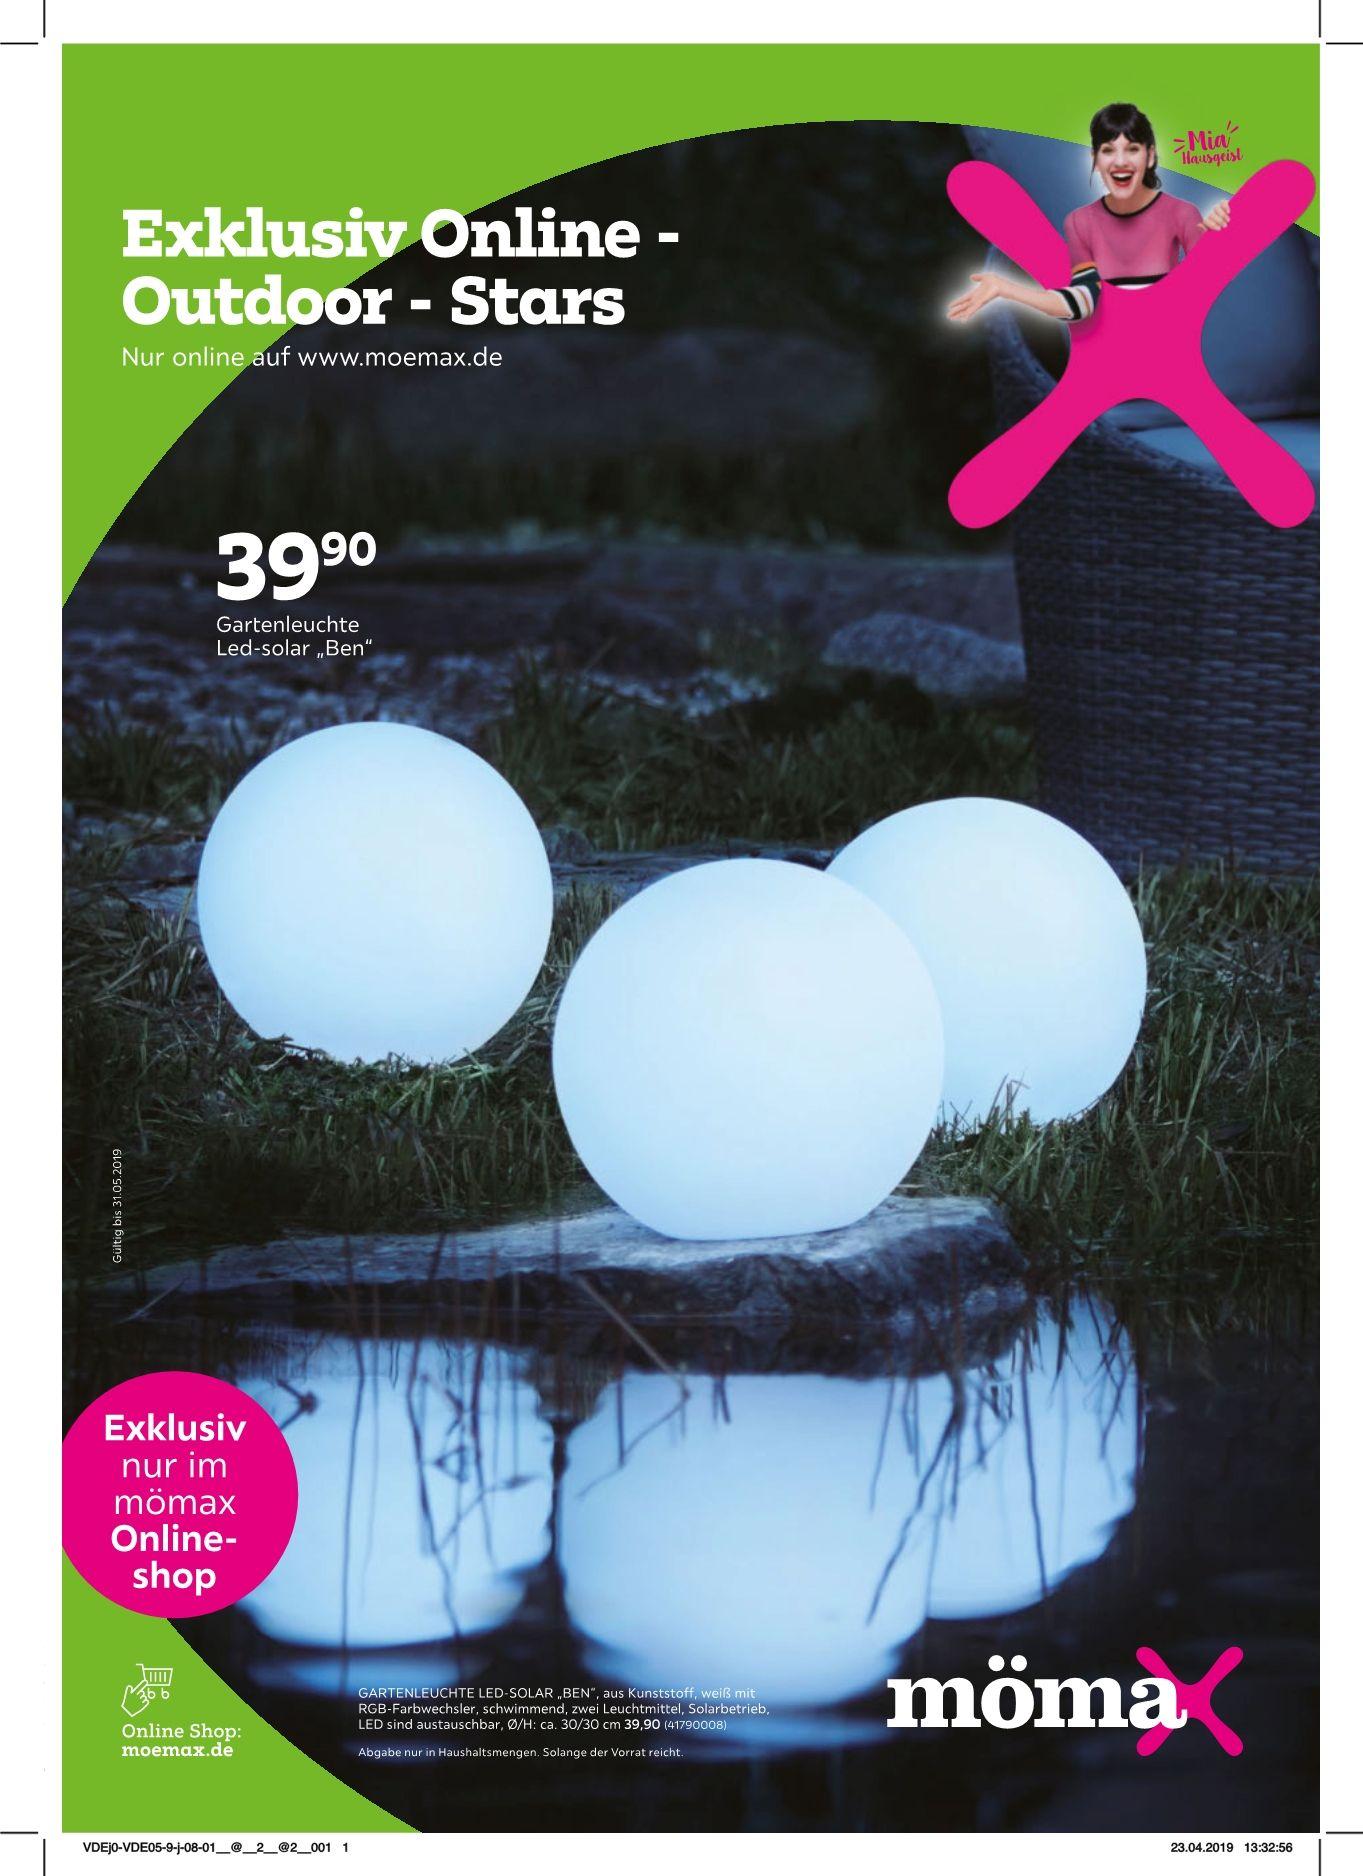 Exklusiv Online - Outdoor-Stars